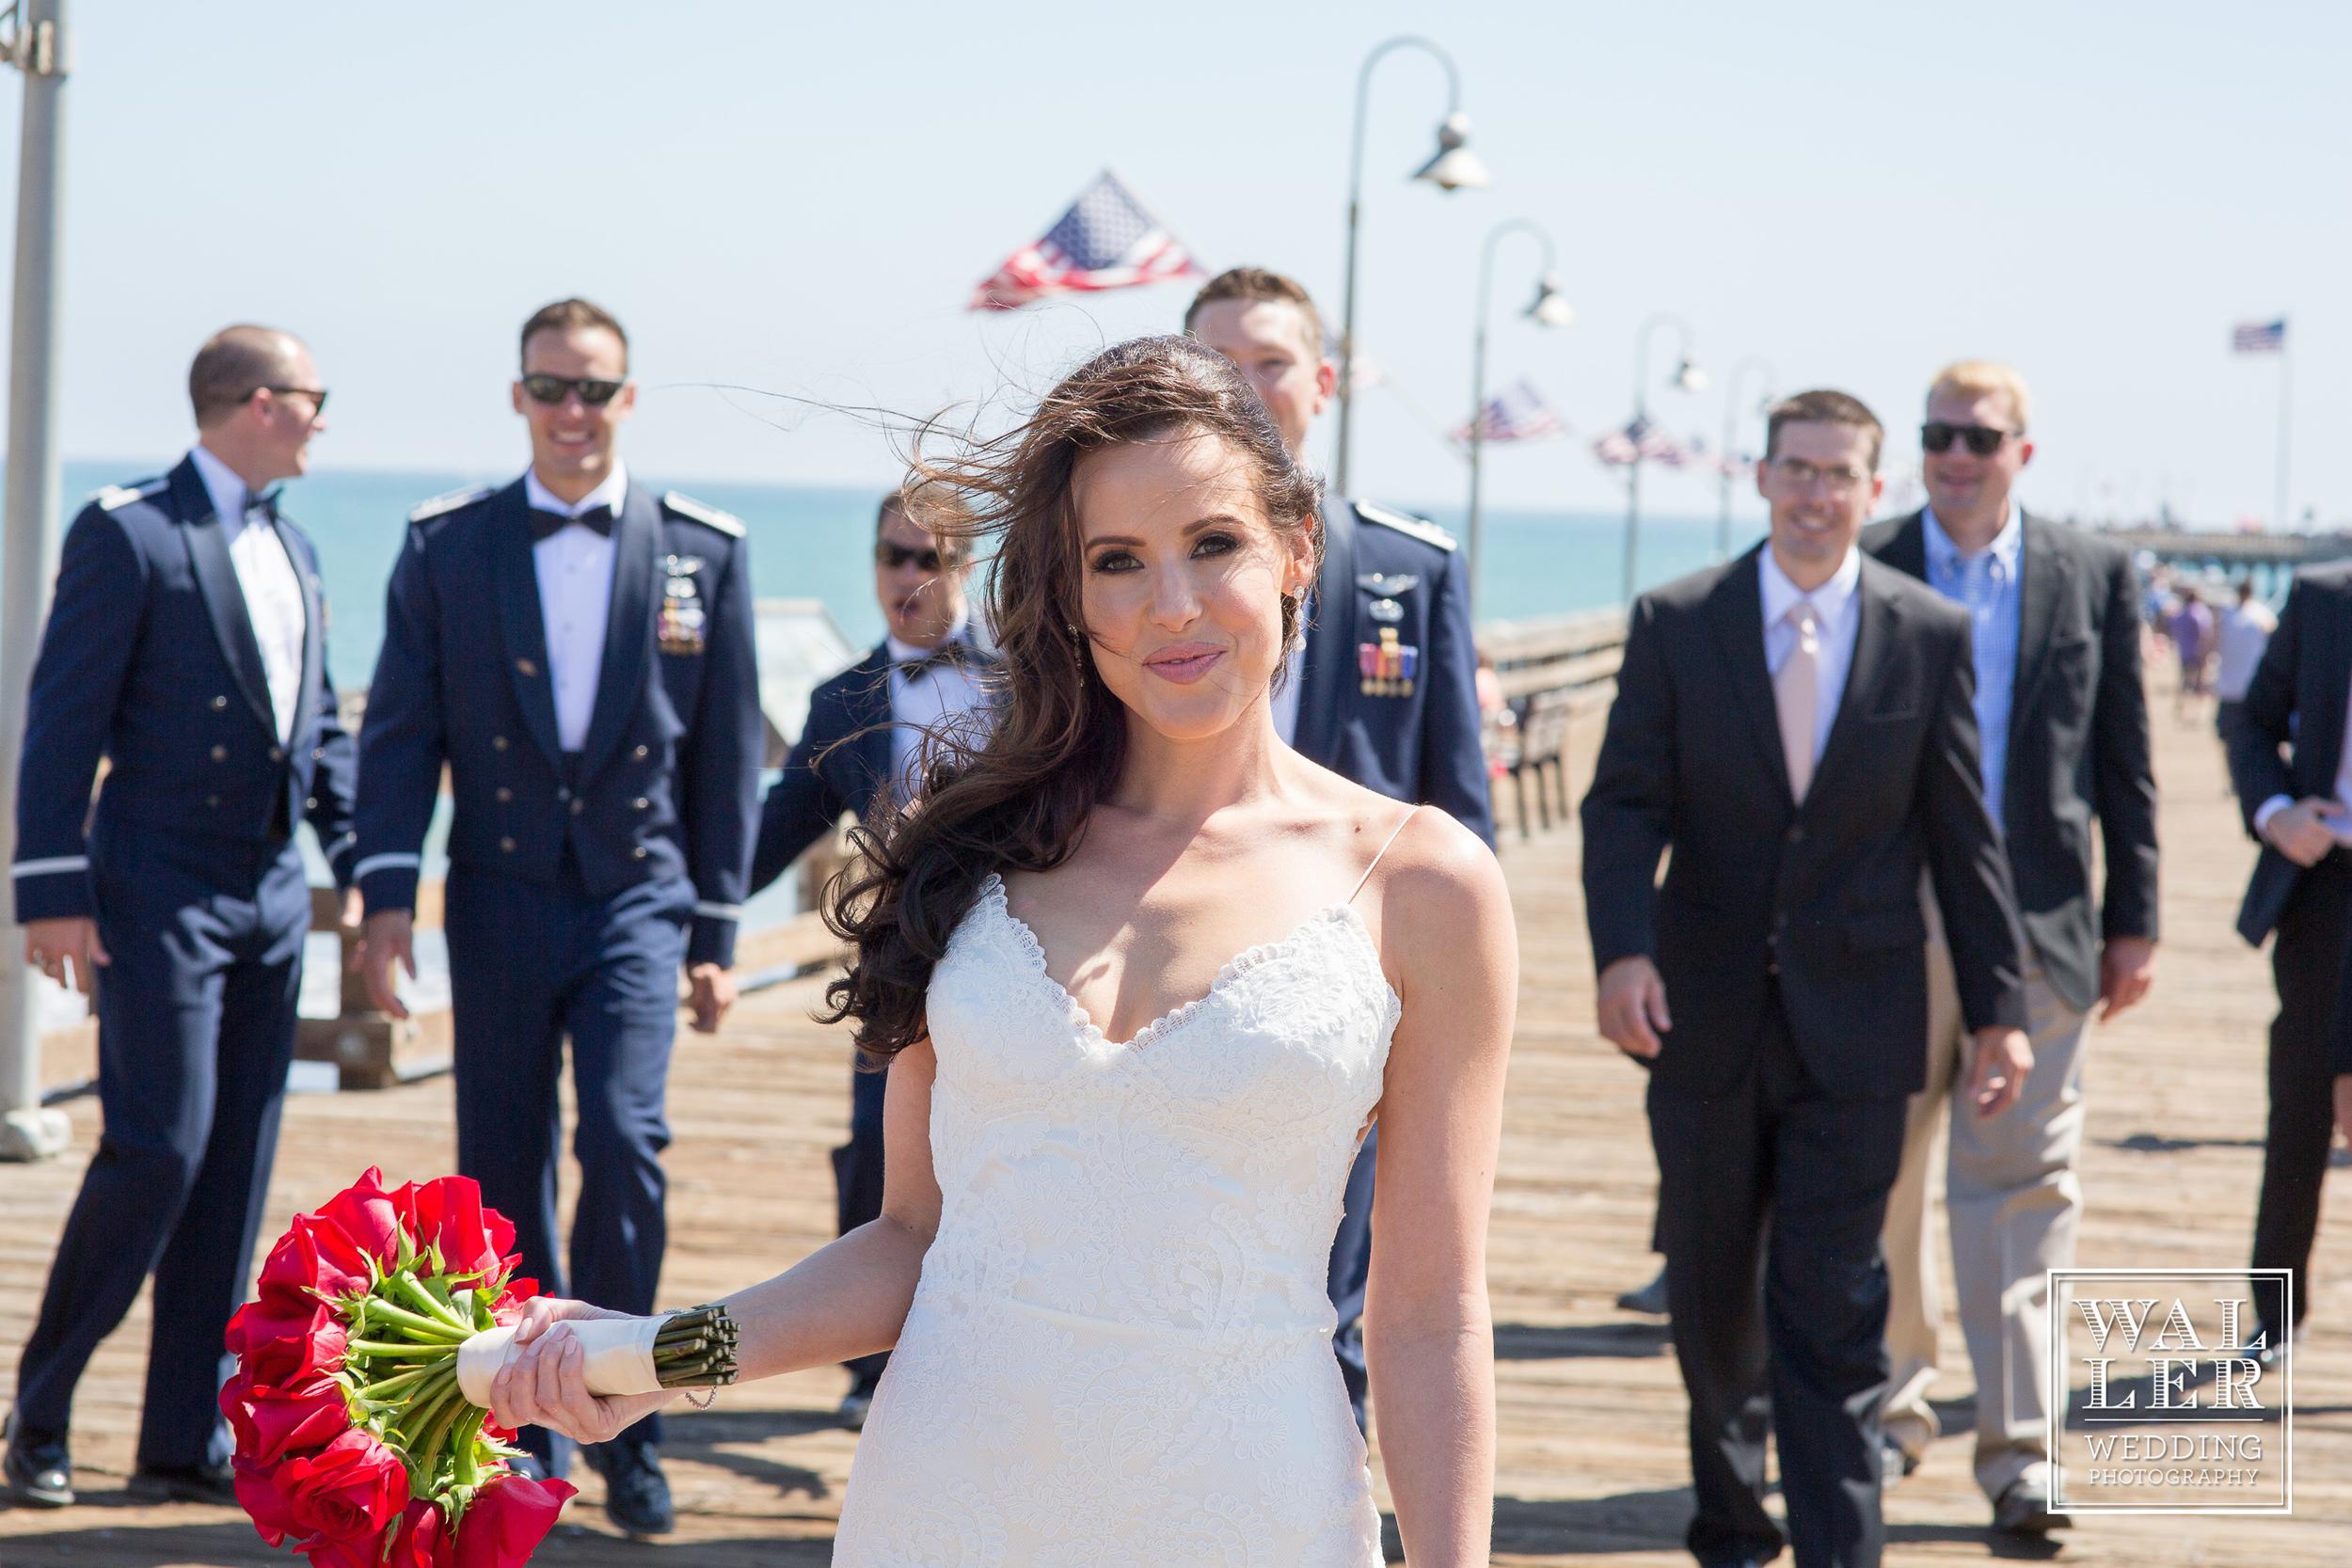 waller weddings-26.jpg